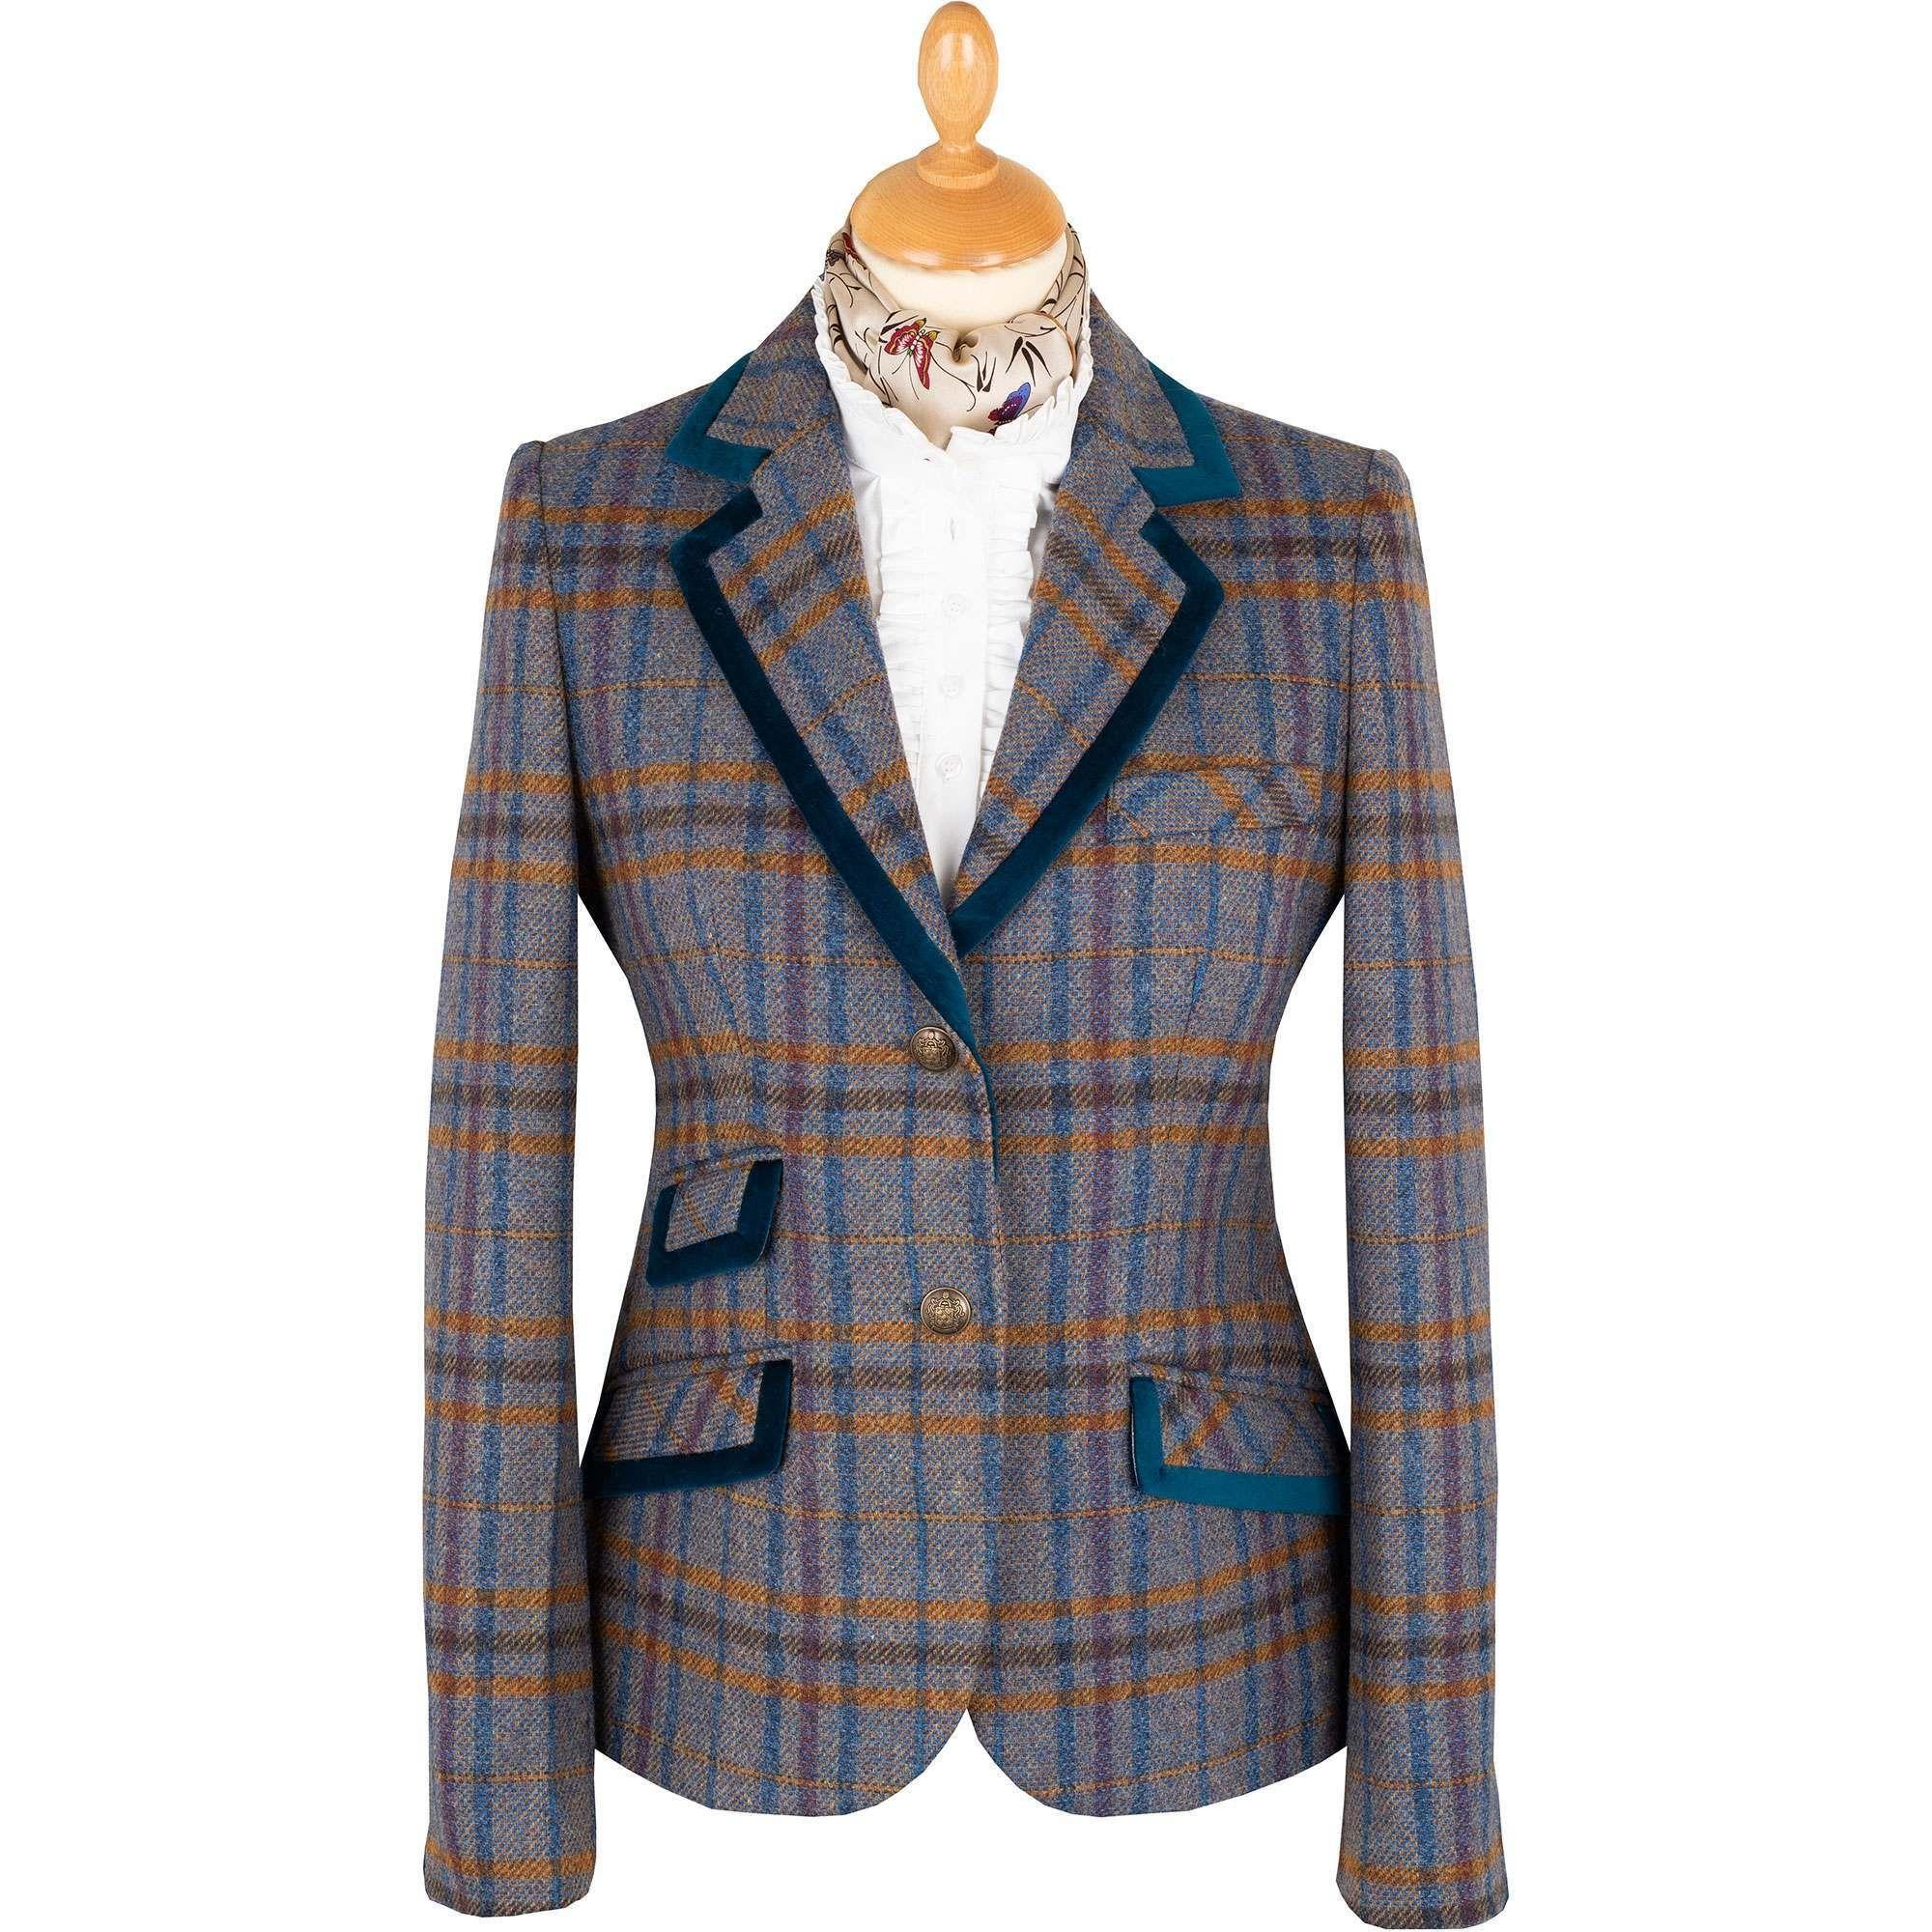 Blue Cadiz Tweed Jacket | Ladies Country Clothing | Cordings